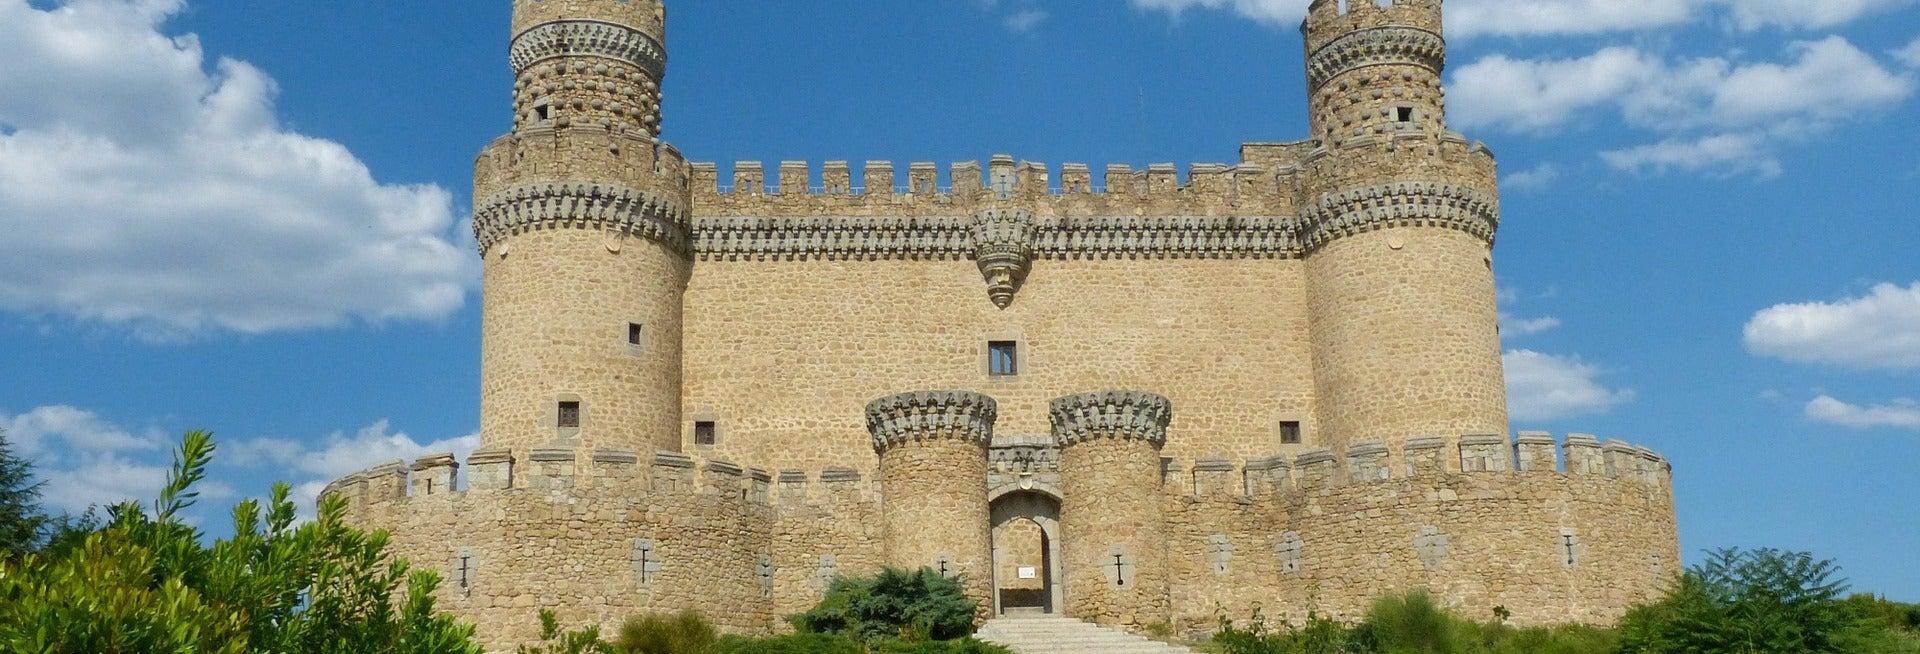 Visita guiada por el Castillo de Manzanares El Real